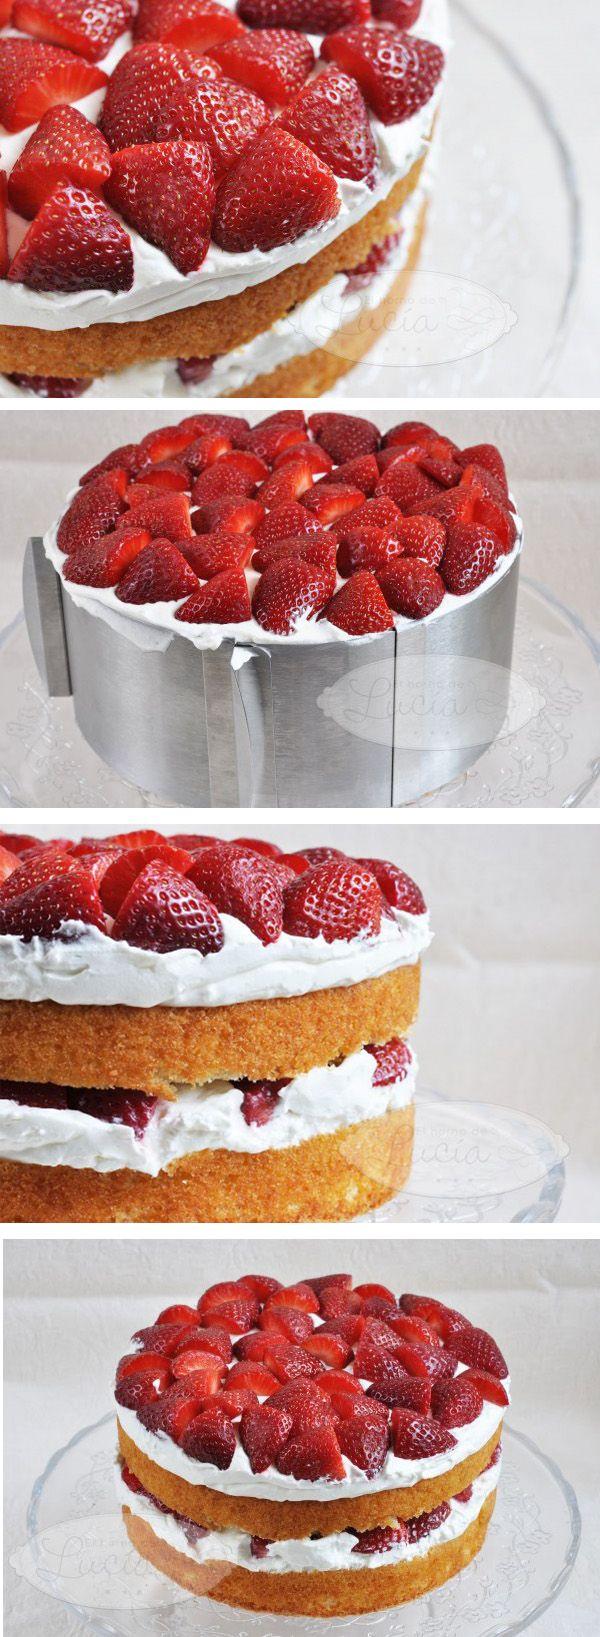 Tarta de fresas y crema de queso